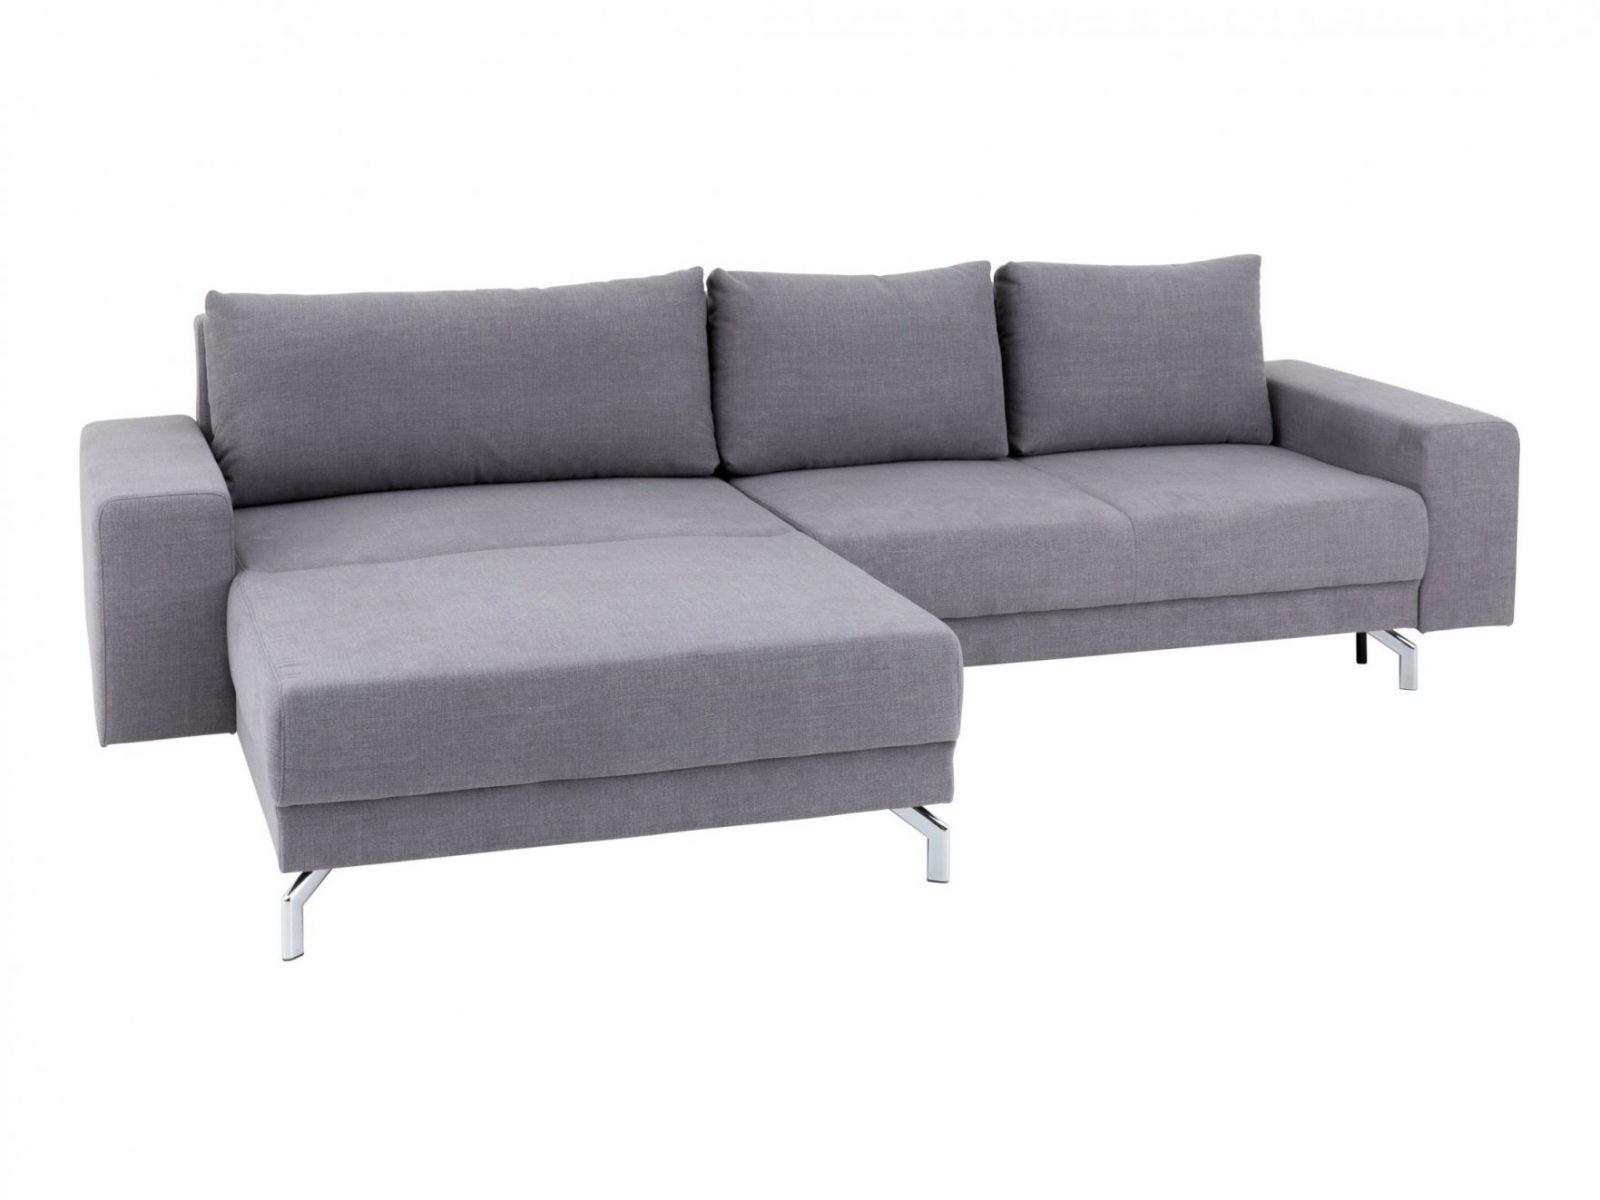 30 Design Zum Ikea Sofa Grau von Schlafsofa Mit Bettkasten Ikea Photo